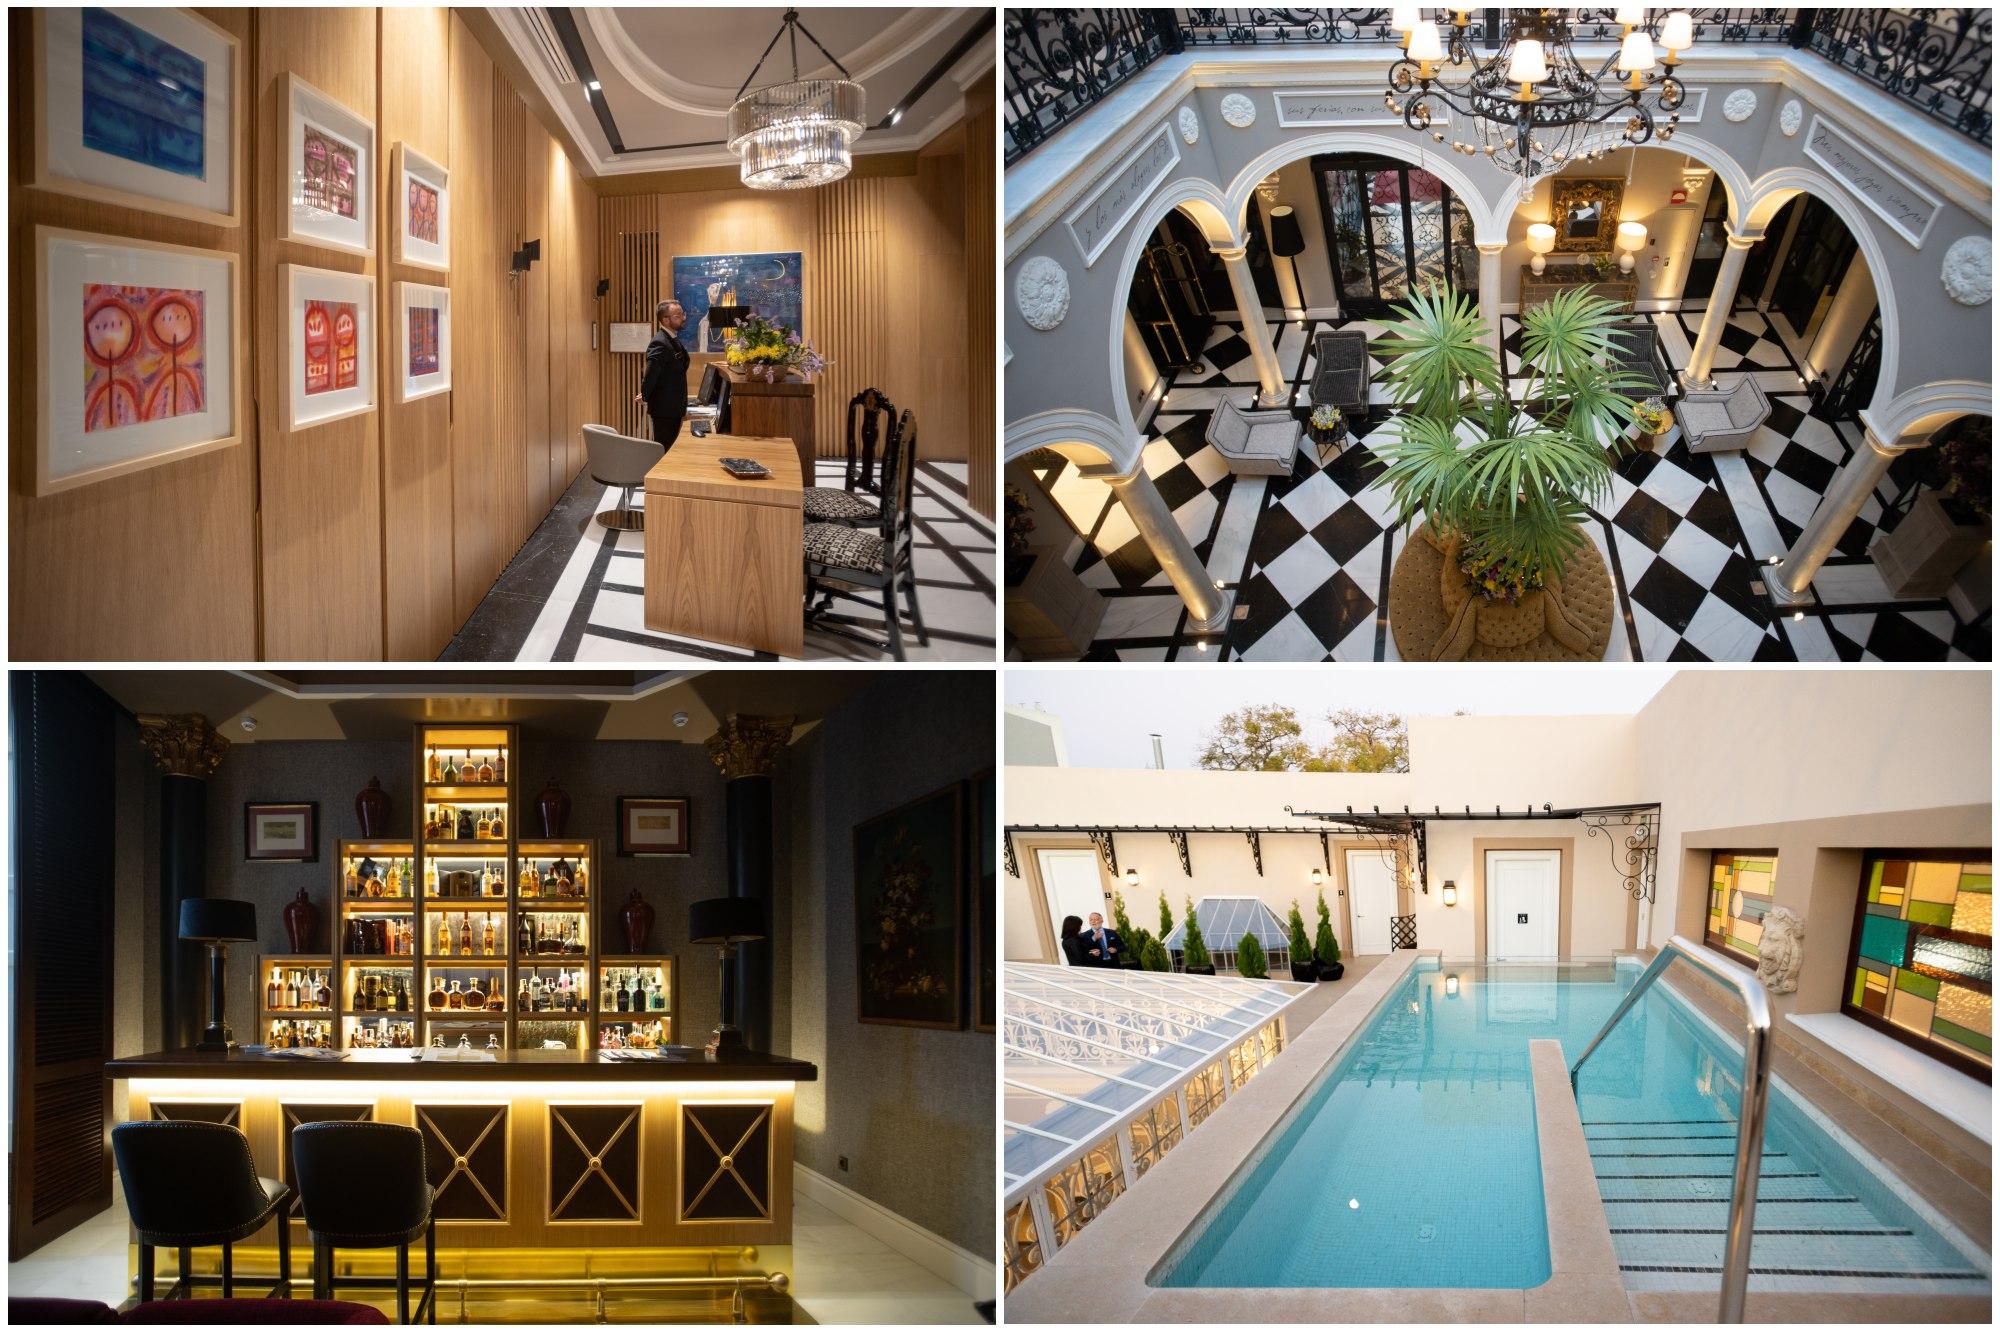 Diferentes rincones del hotel, desde la recepción, al bar inglés y la piscina del último piso.